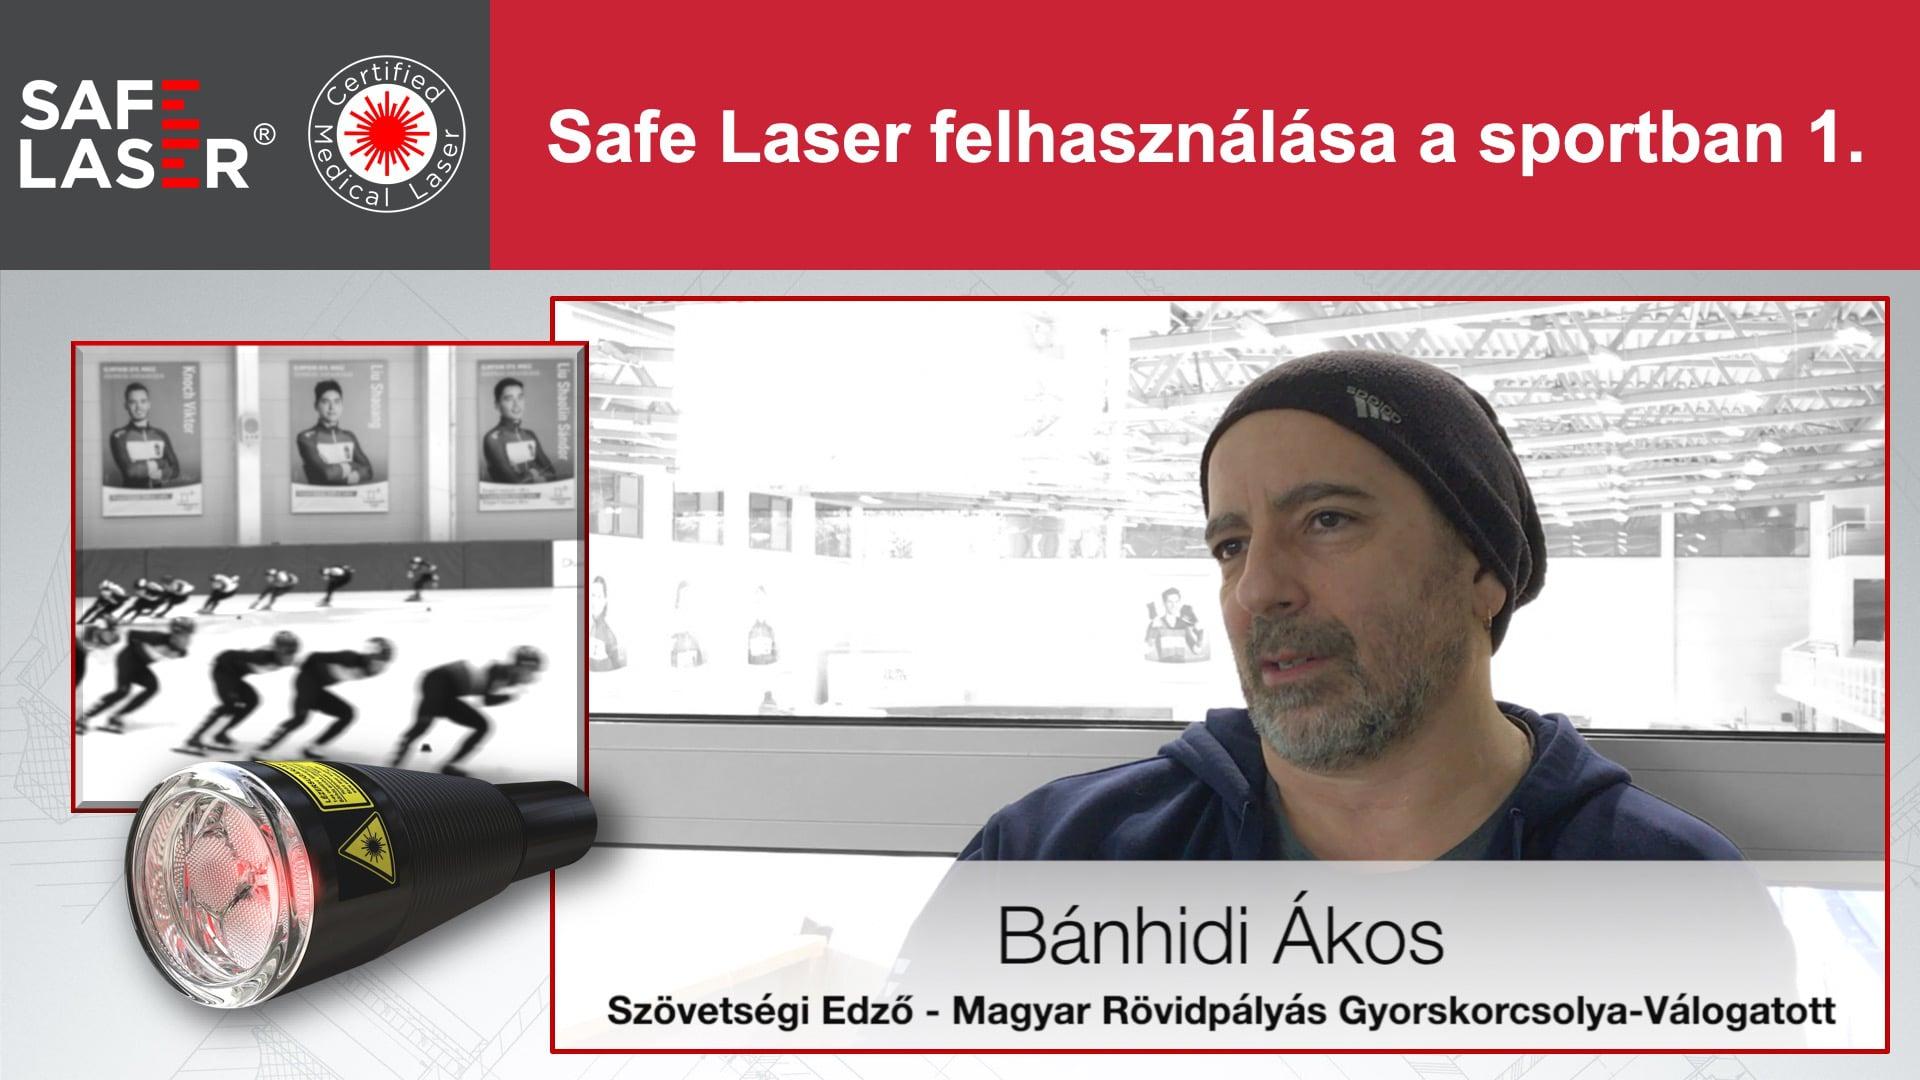 Bánhidi Ákos: Safe Laser alkalmazása a Gyorskorcsolya szövetségben